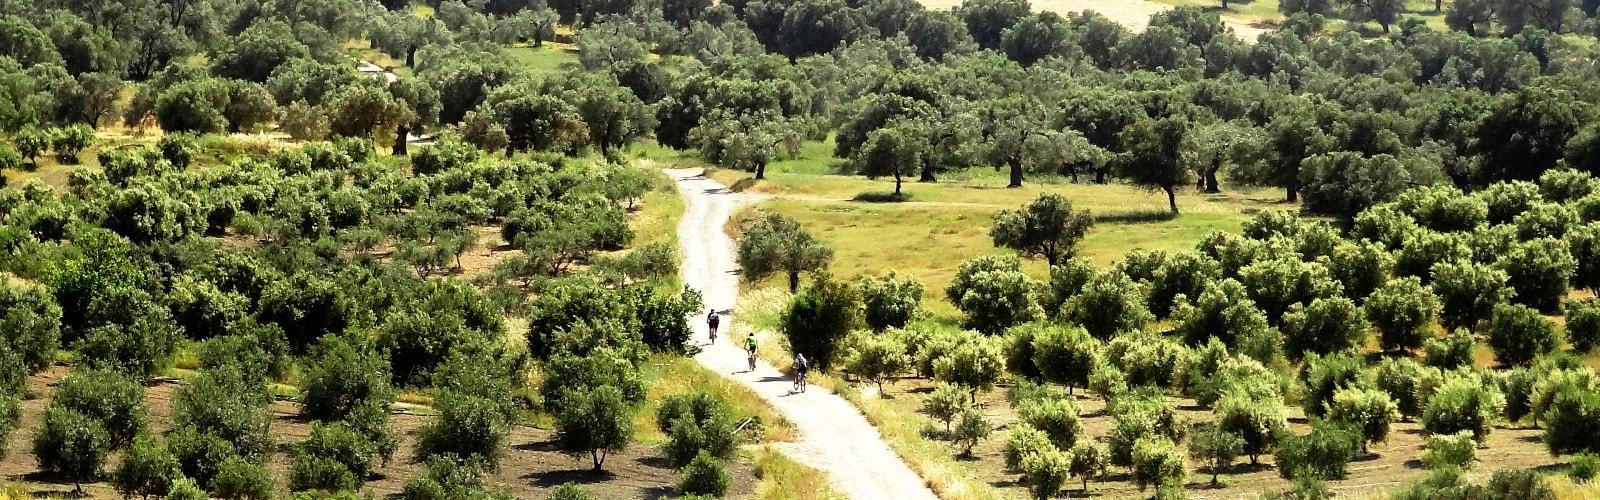 30-000-000-olive-trees-in-kreta-min